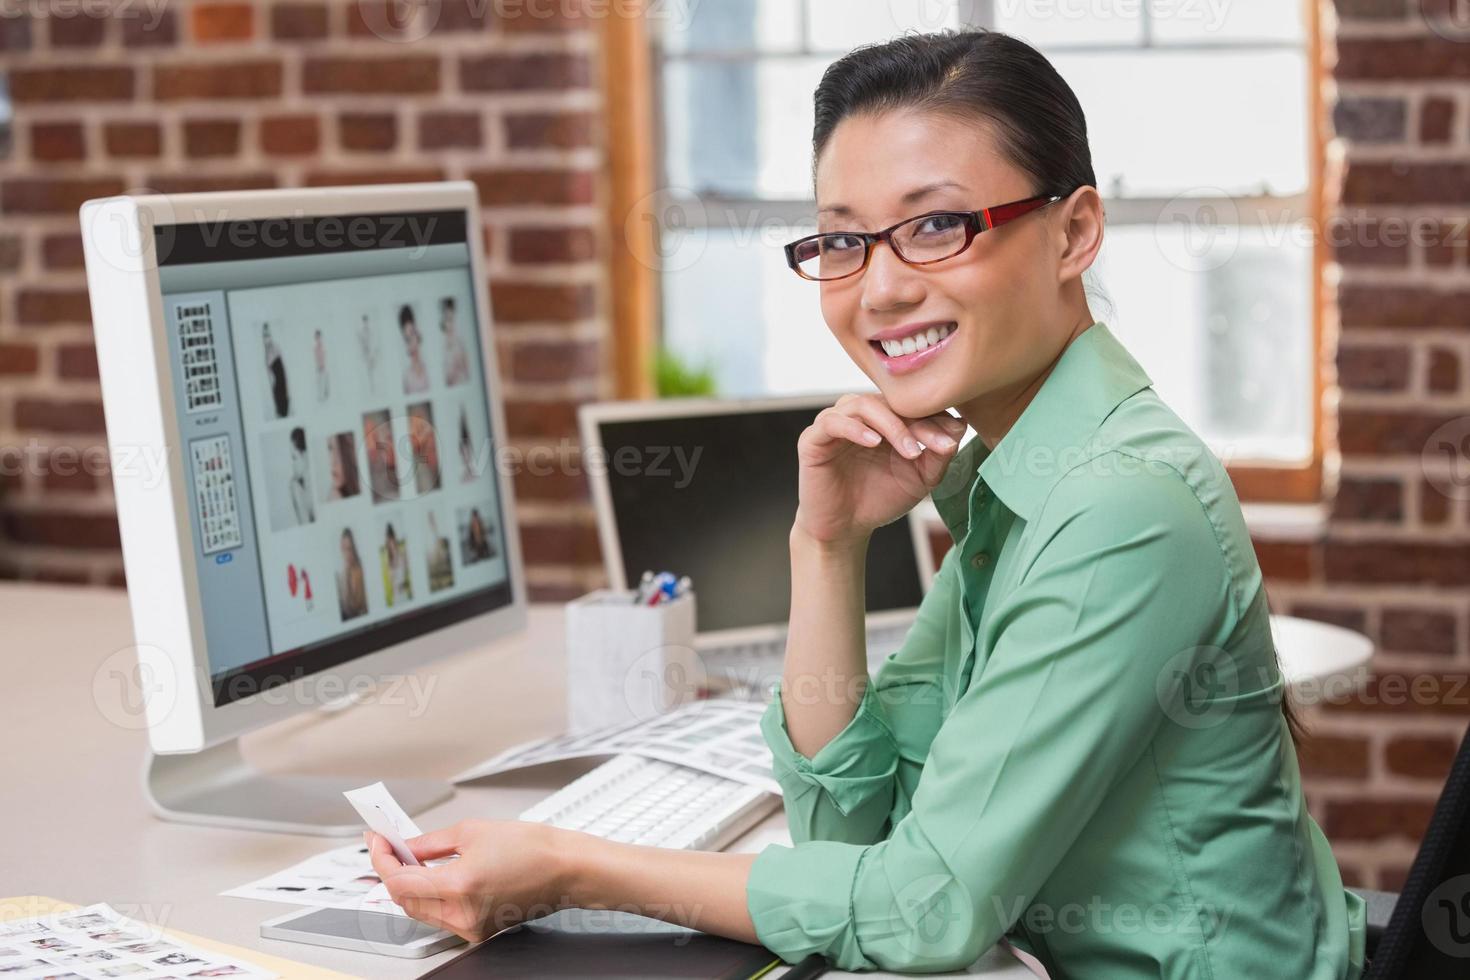 le kvinnlig fotoredigerare som använder datorn på kontoret foto